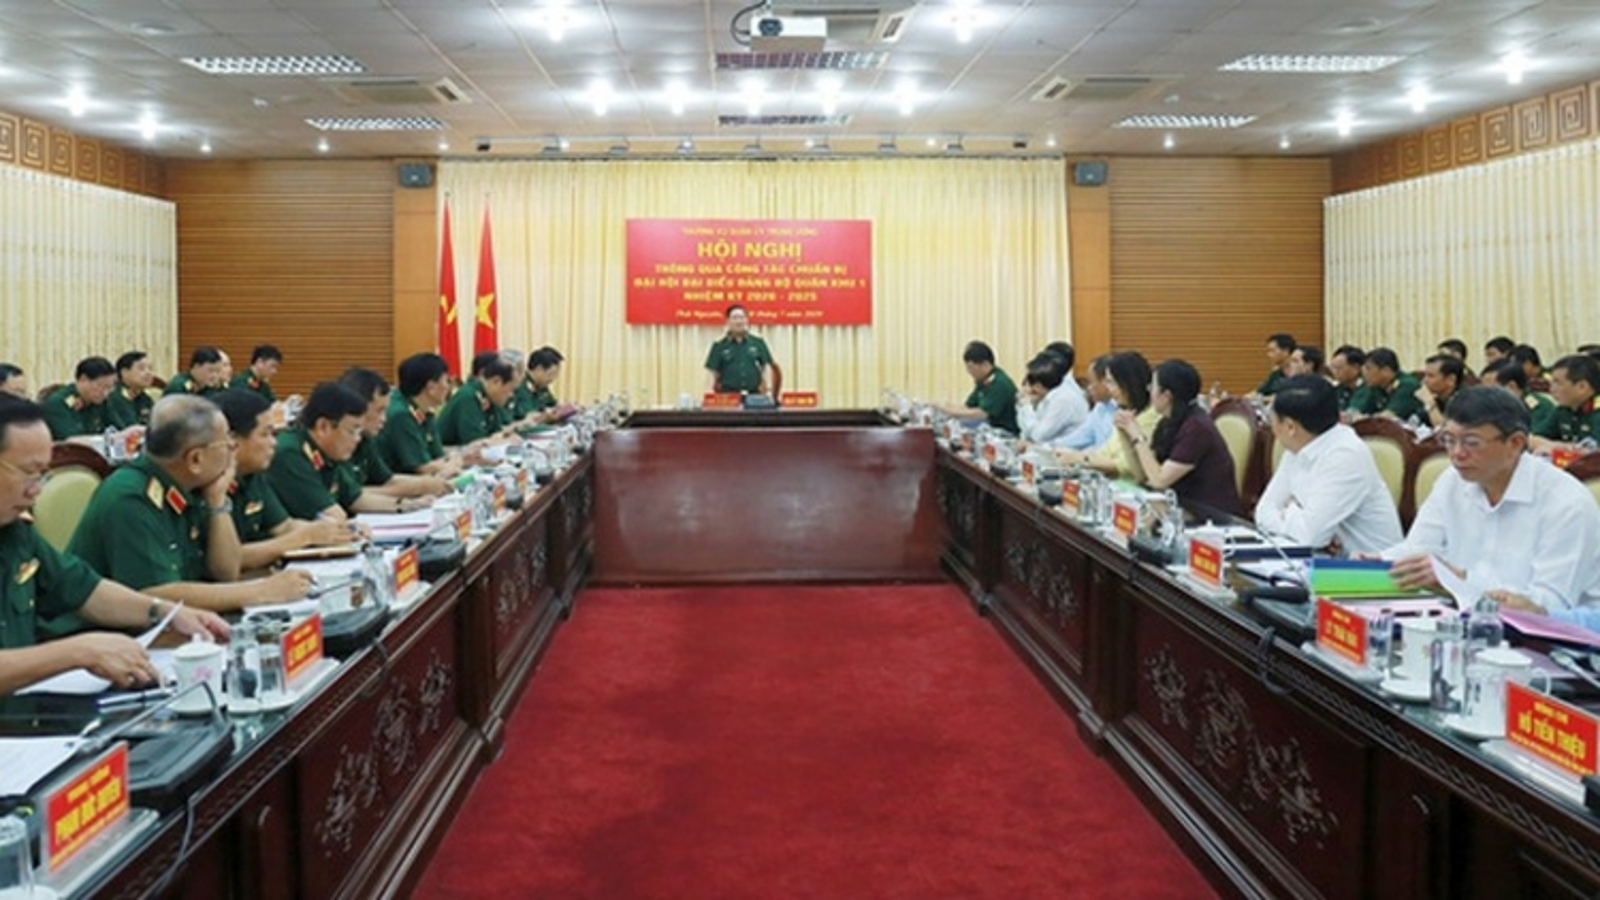 Thông qua công tác chuẩn bị Đại hội đại biểu Đảng bộ Quân khu 1